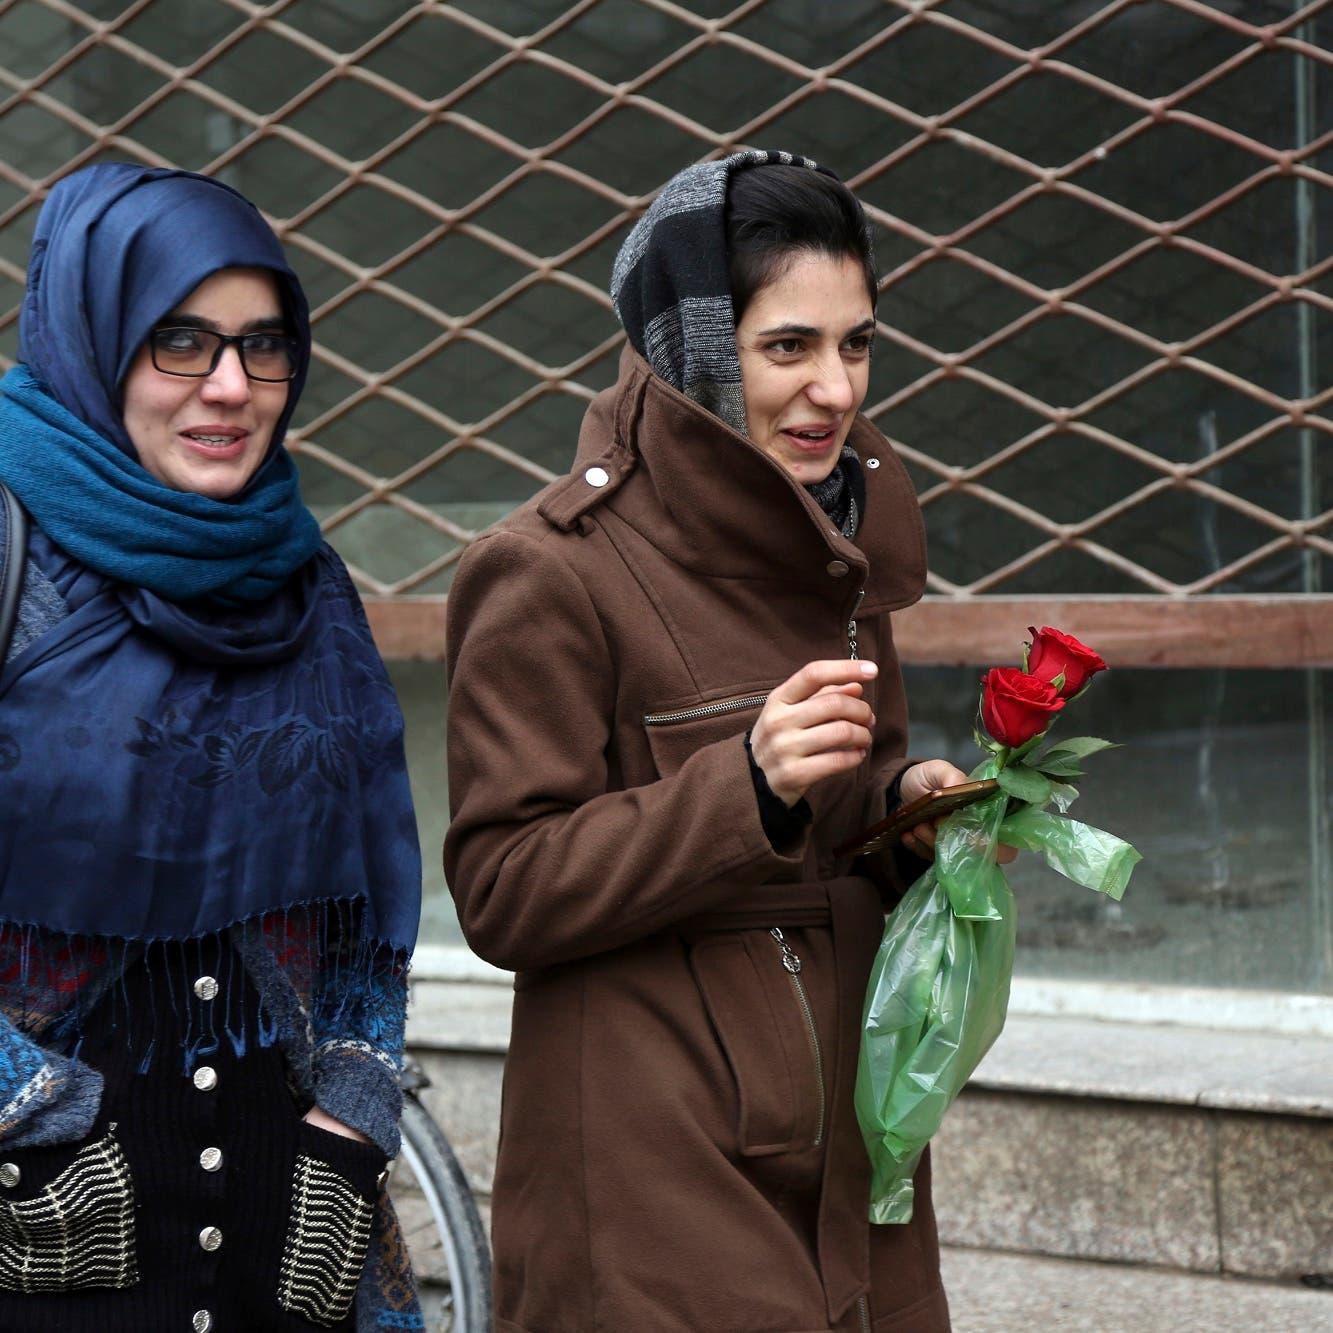 بيان أميركي ـ أوروبي: قلقون جداً بشأن النساء والفتيات في أفغانستان